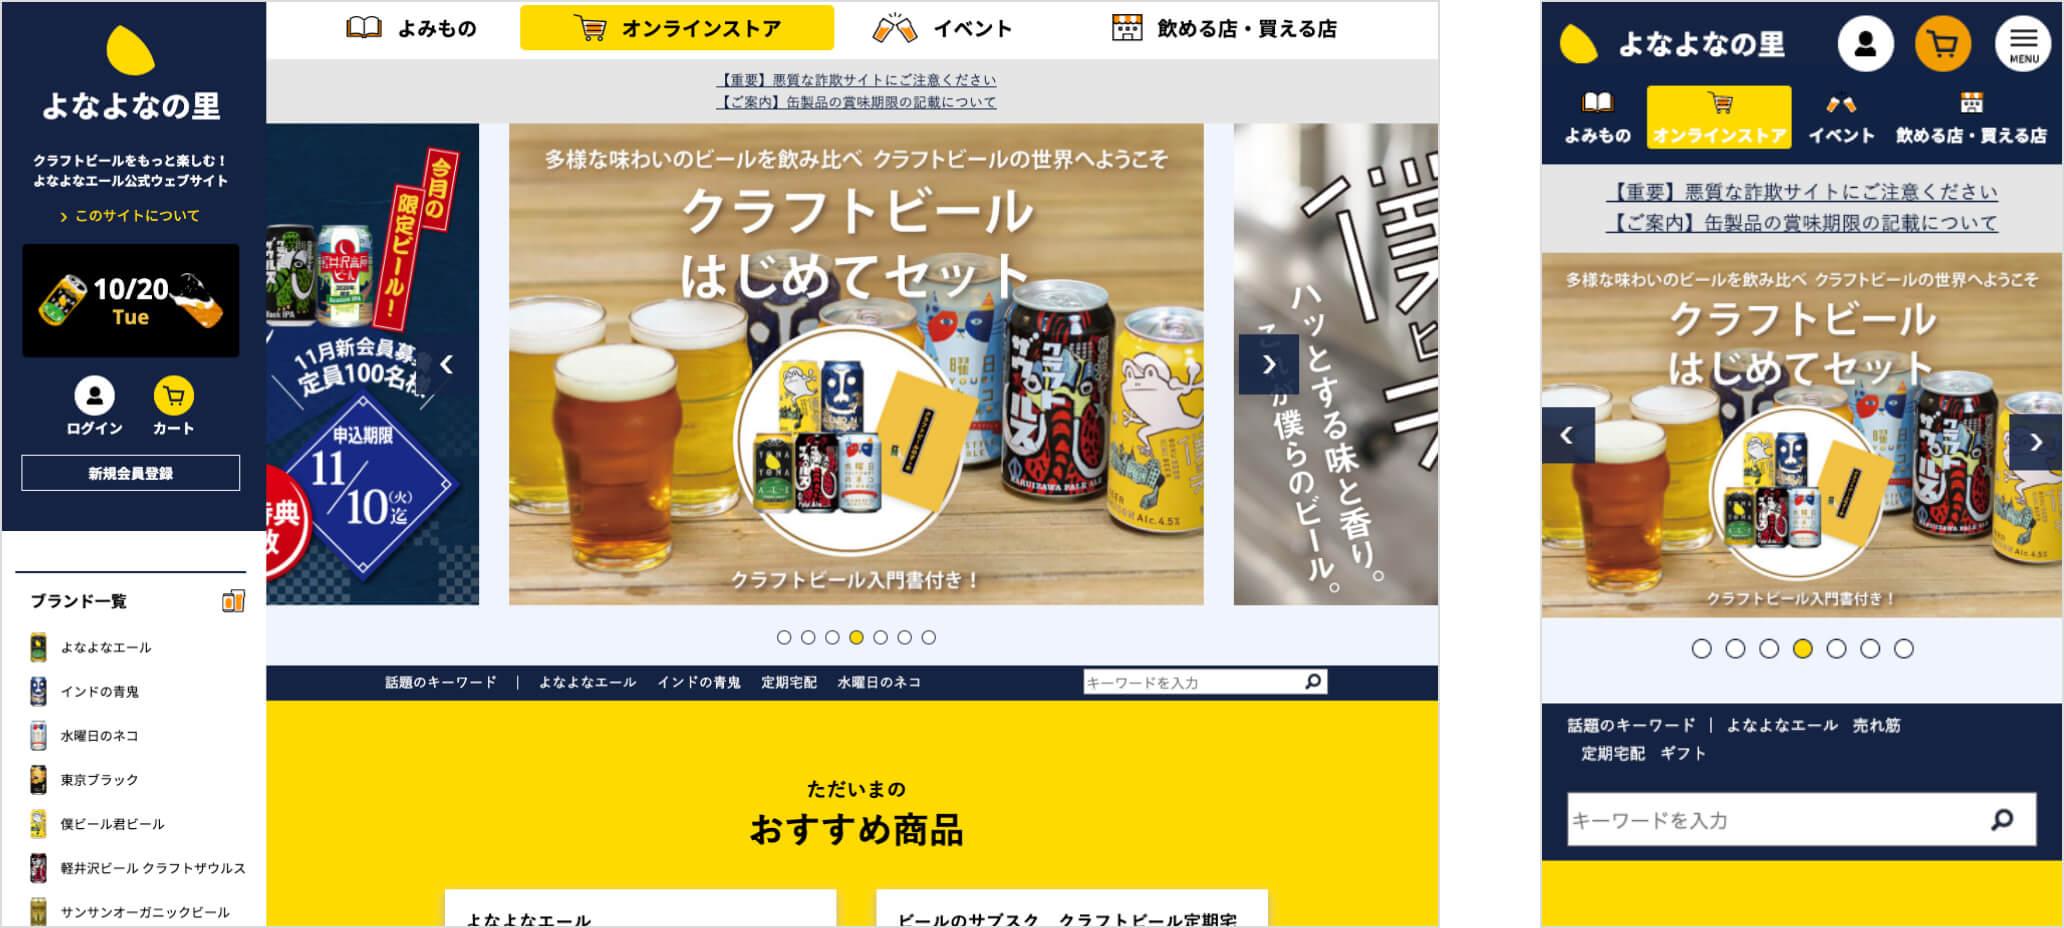 ヤッホーブルーイング ビールやグッズのオンラインストア画像